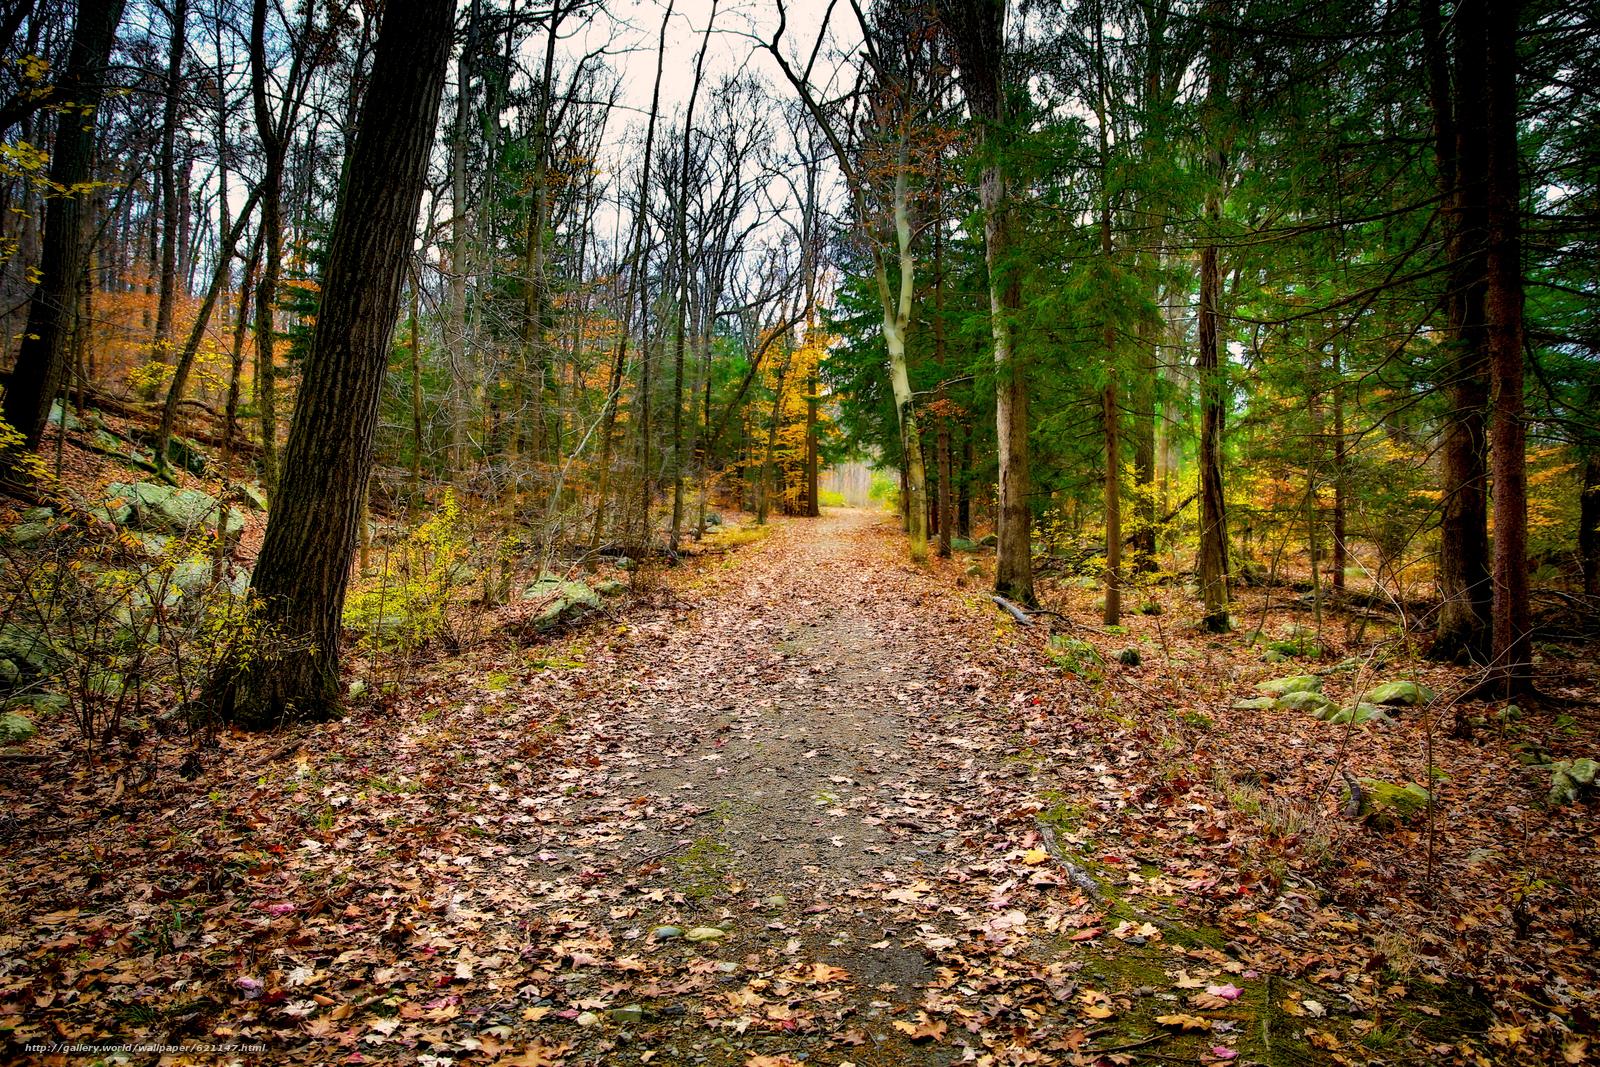 Tlcharger Fond d'ecran forêt,  arbres,  automne,  route Fonds d'ecran gratuits pour votre rsolution du bureau 5760x3840 — image №621147